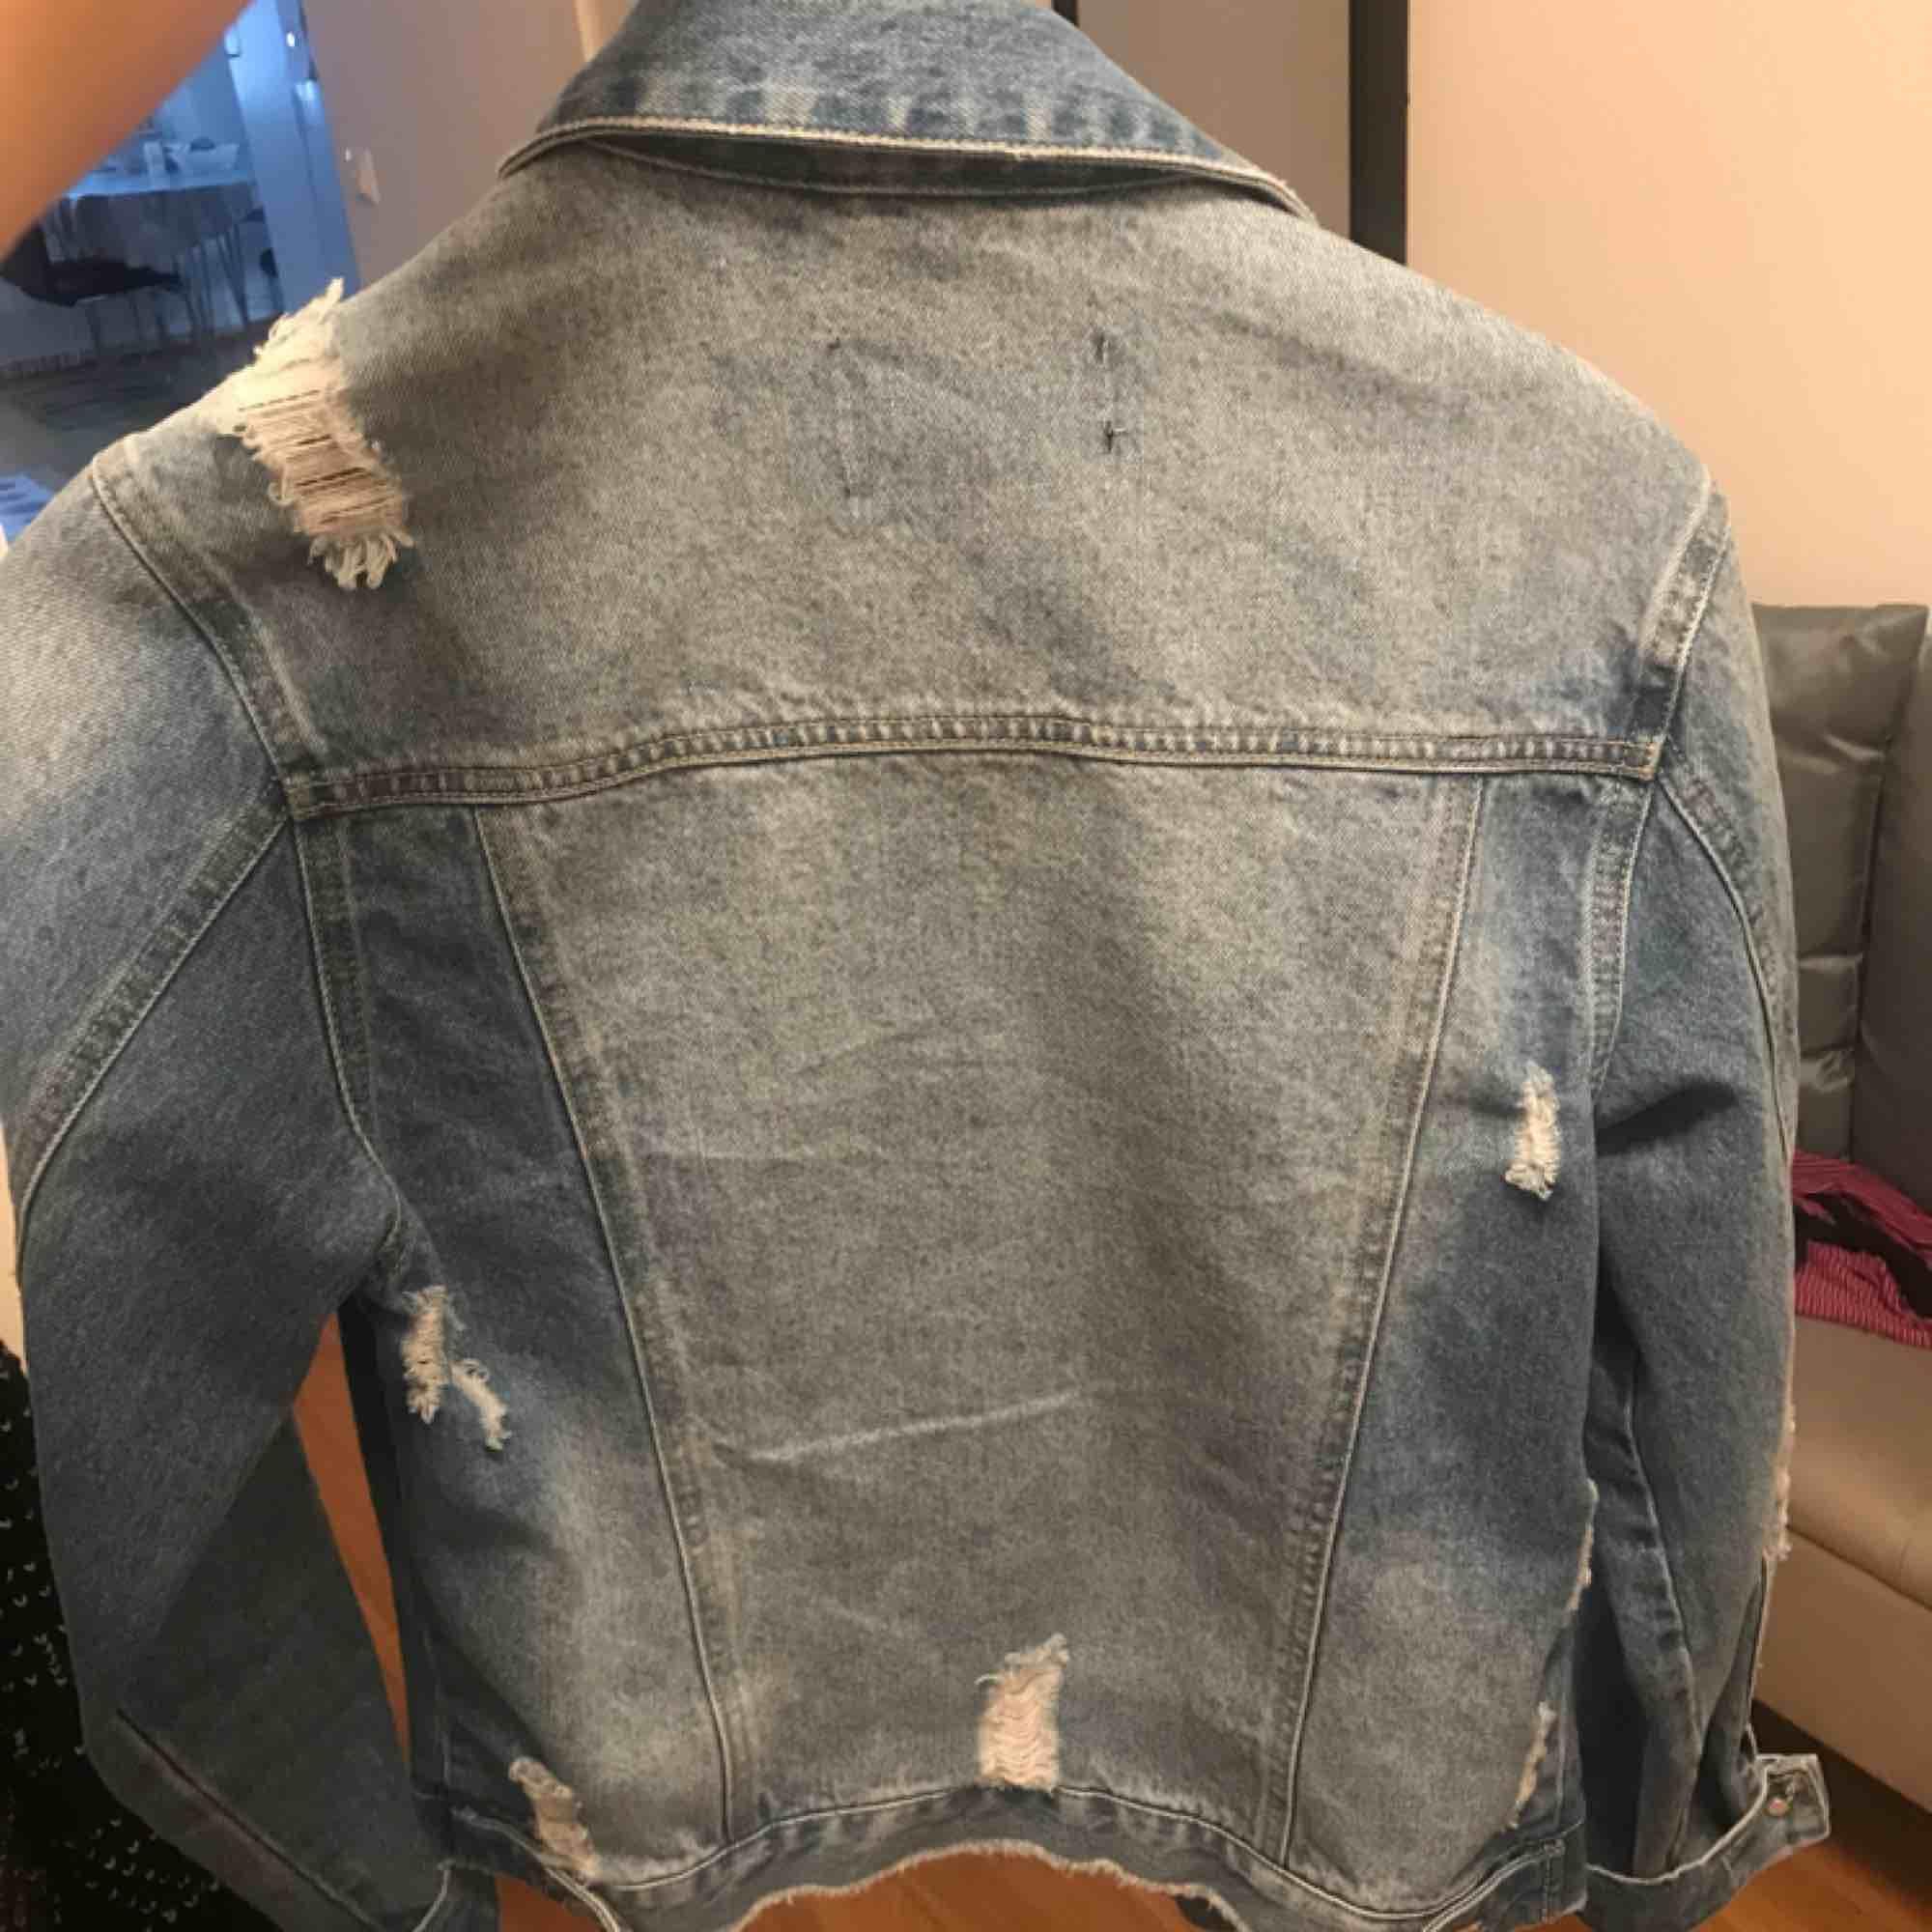 XS men oversize så den sitter normalt på mig som e M/S i tröjor. Jackor.